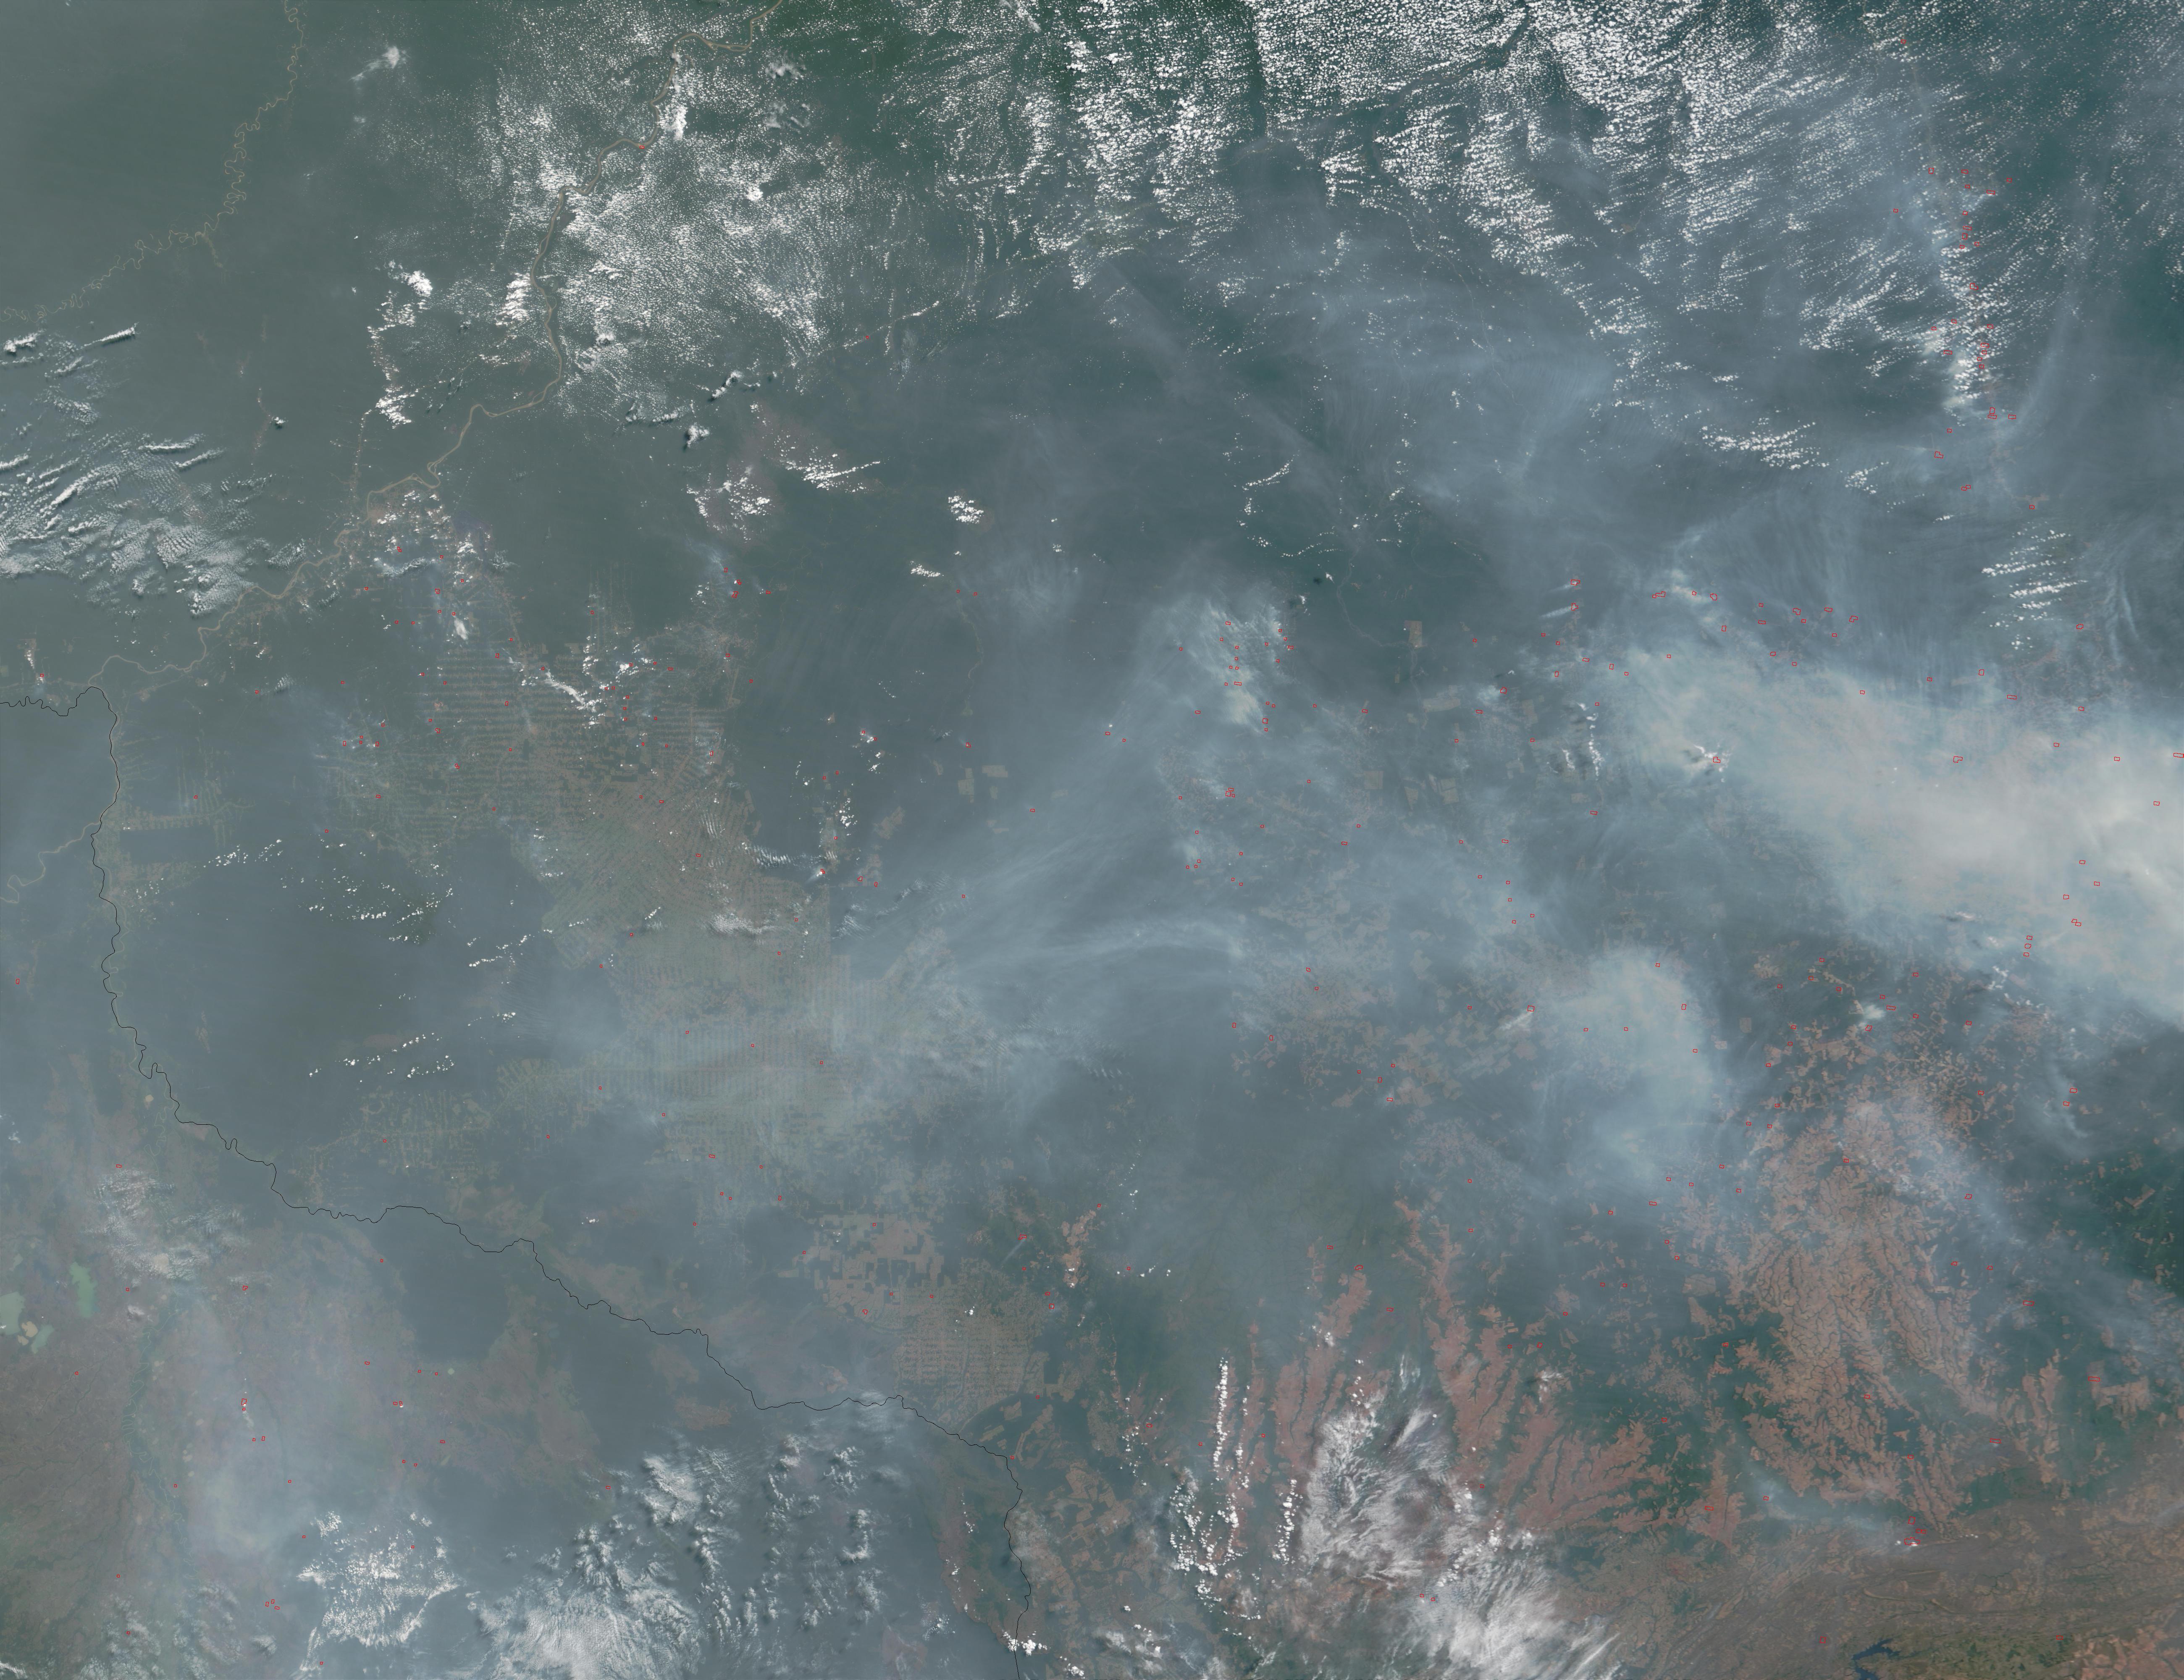 Incendios y humo en Mato Grosso y Rondonia, Brasil